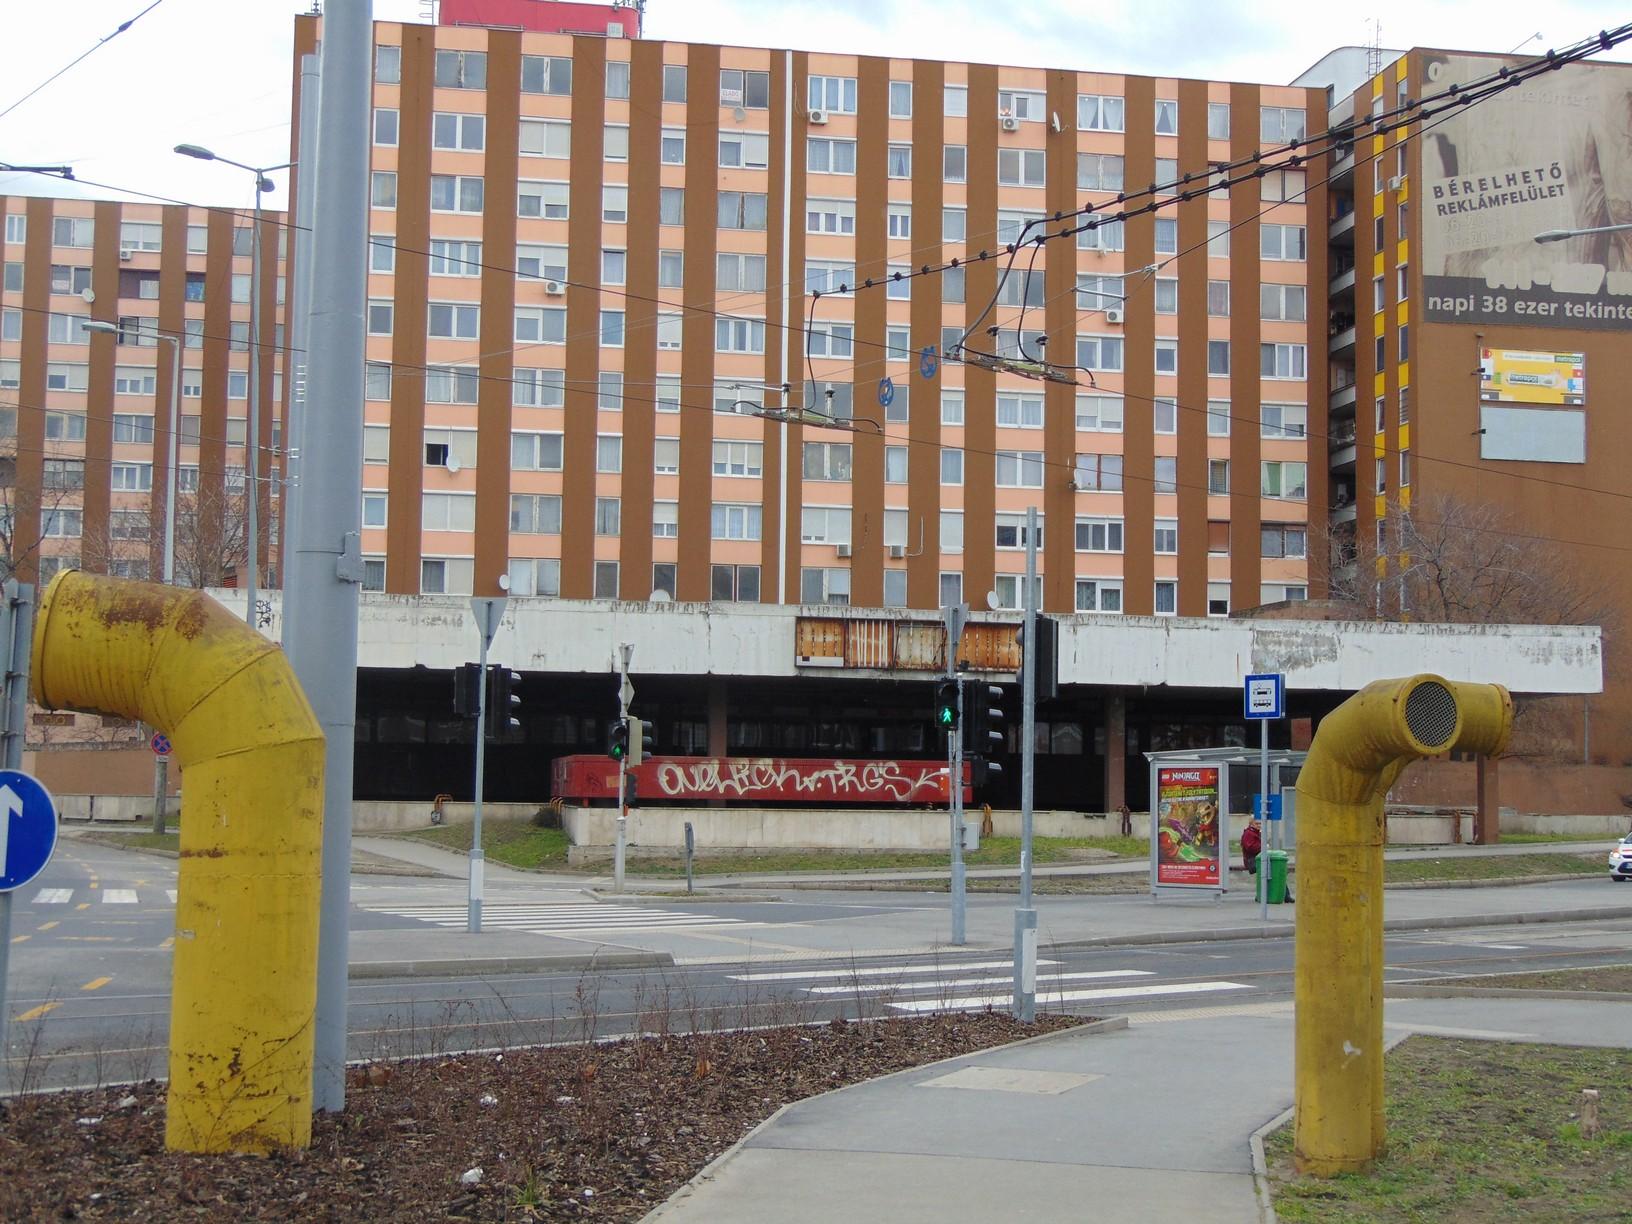 A tervezett metróállomás helye 2015-ben, előtérben az állomáshoz épült hatalmas szellőzőkürtők, a háttérben a szolgáltatóház látszik